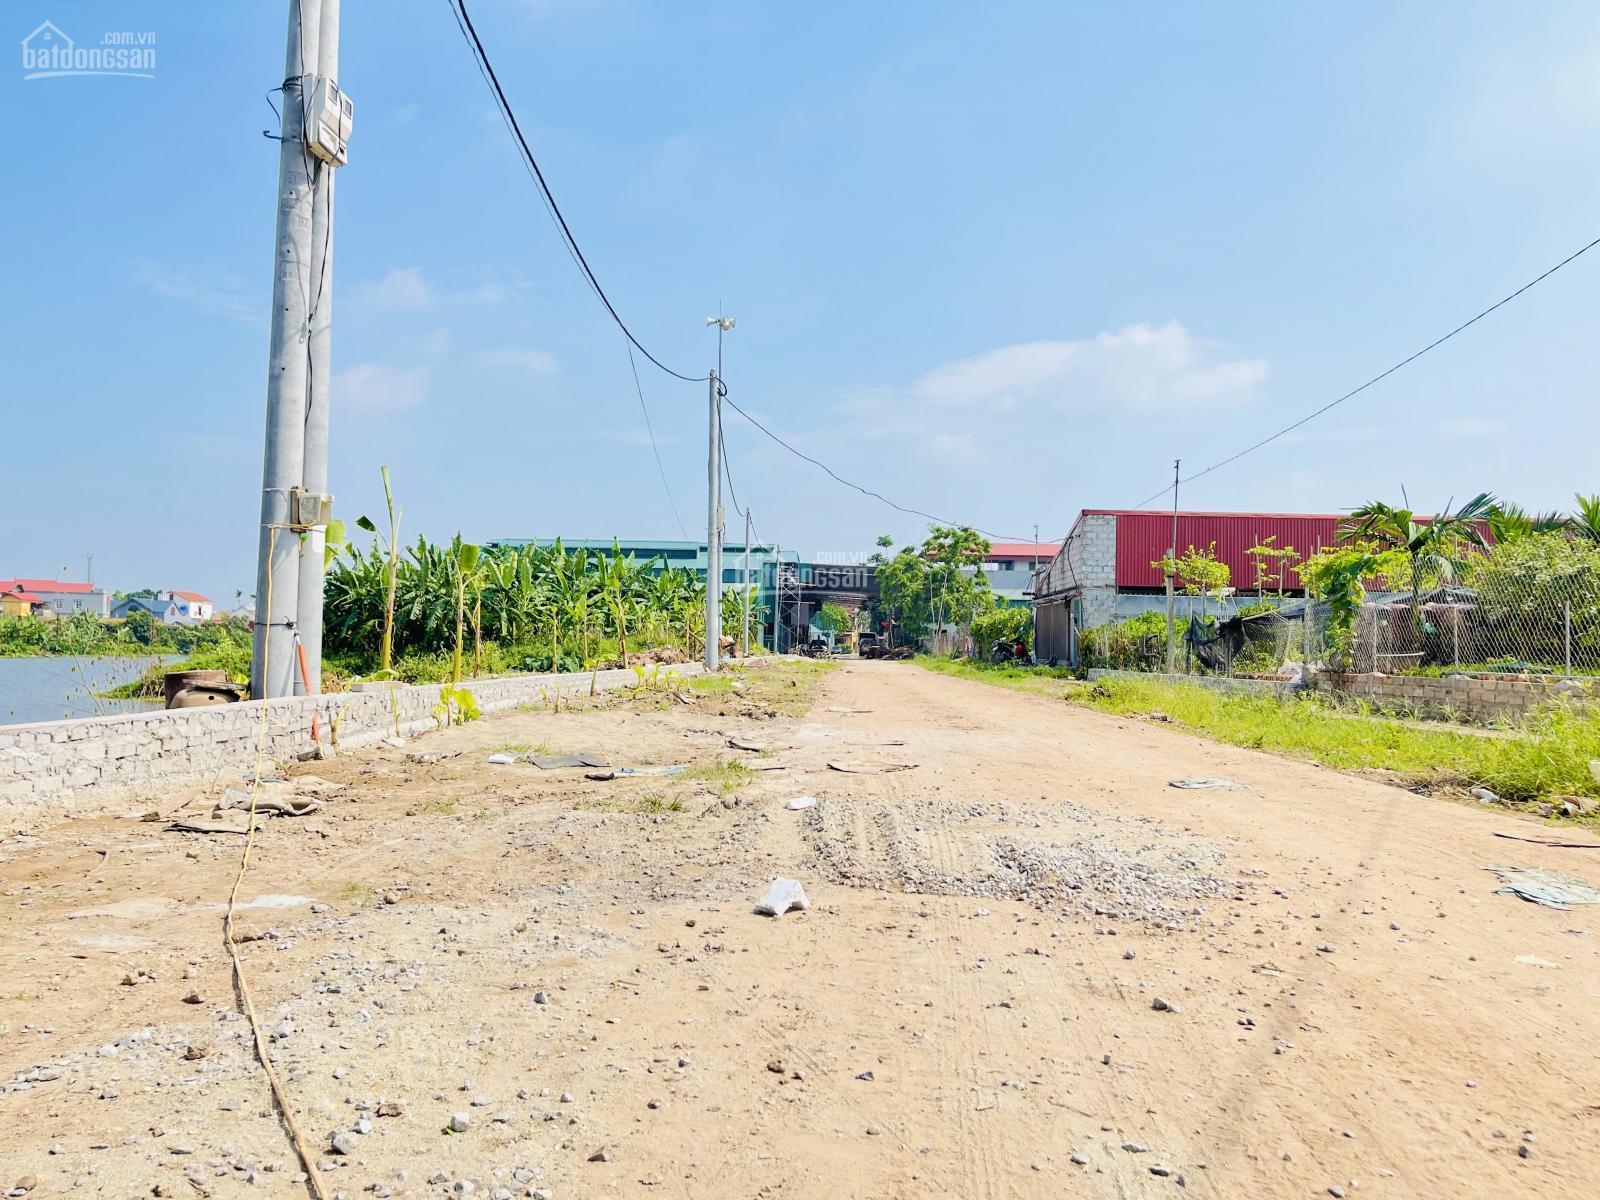 Khu đất nền tại Văn Giang rao bán trên Batdongsan.com.vn